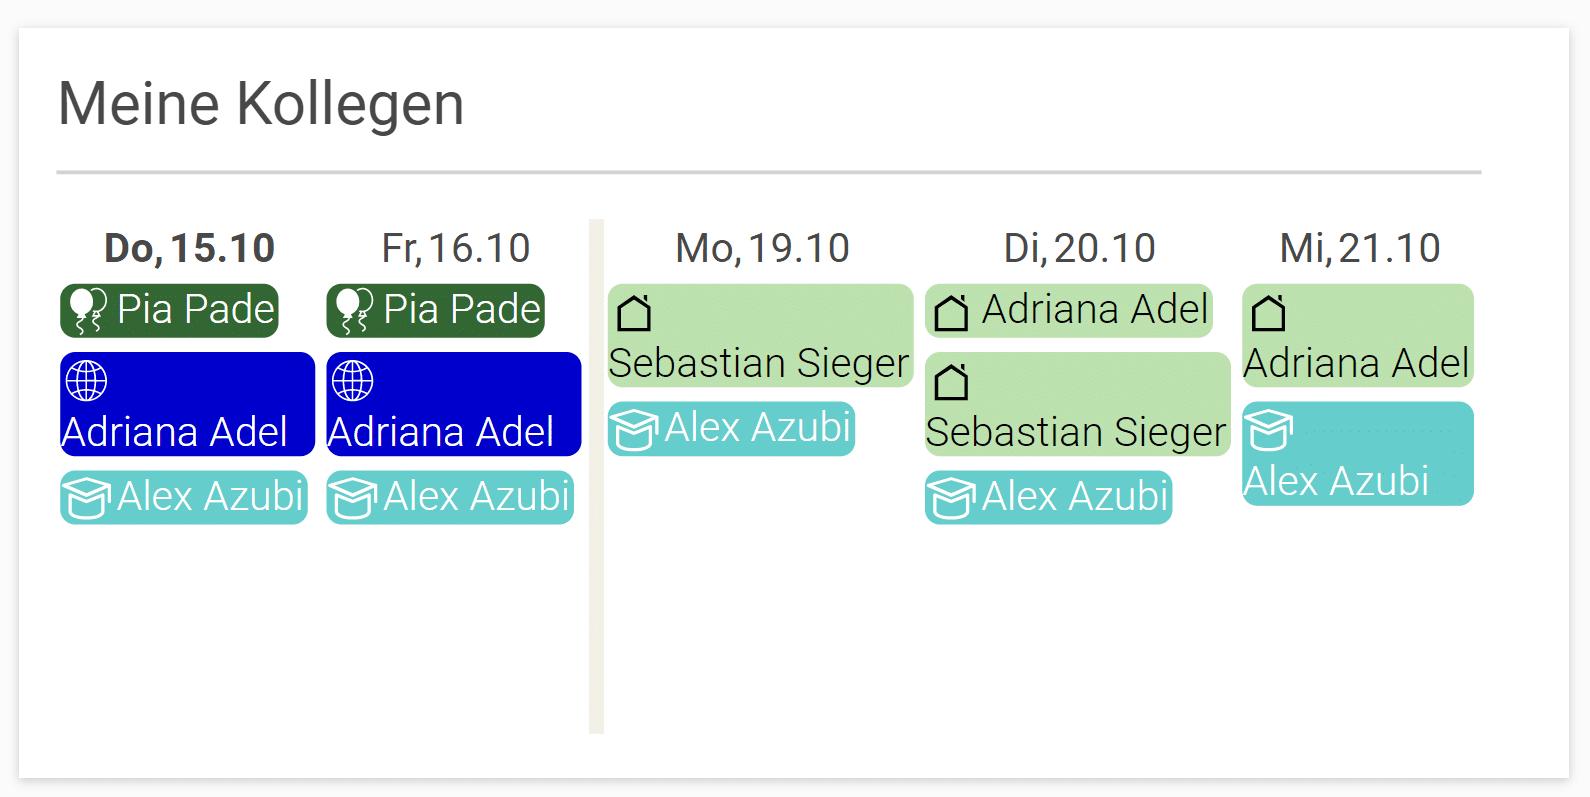 Abwesenheit - Meine Kollegen - projectfacts